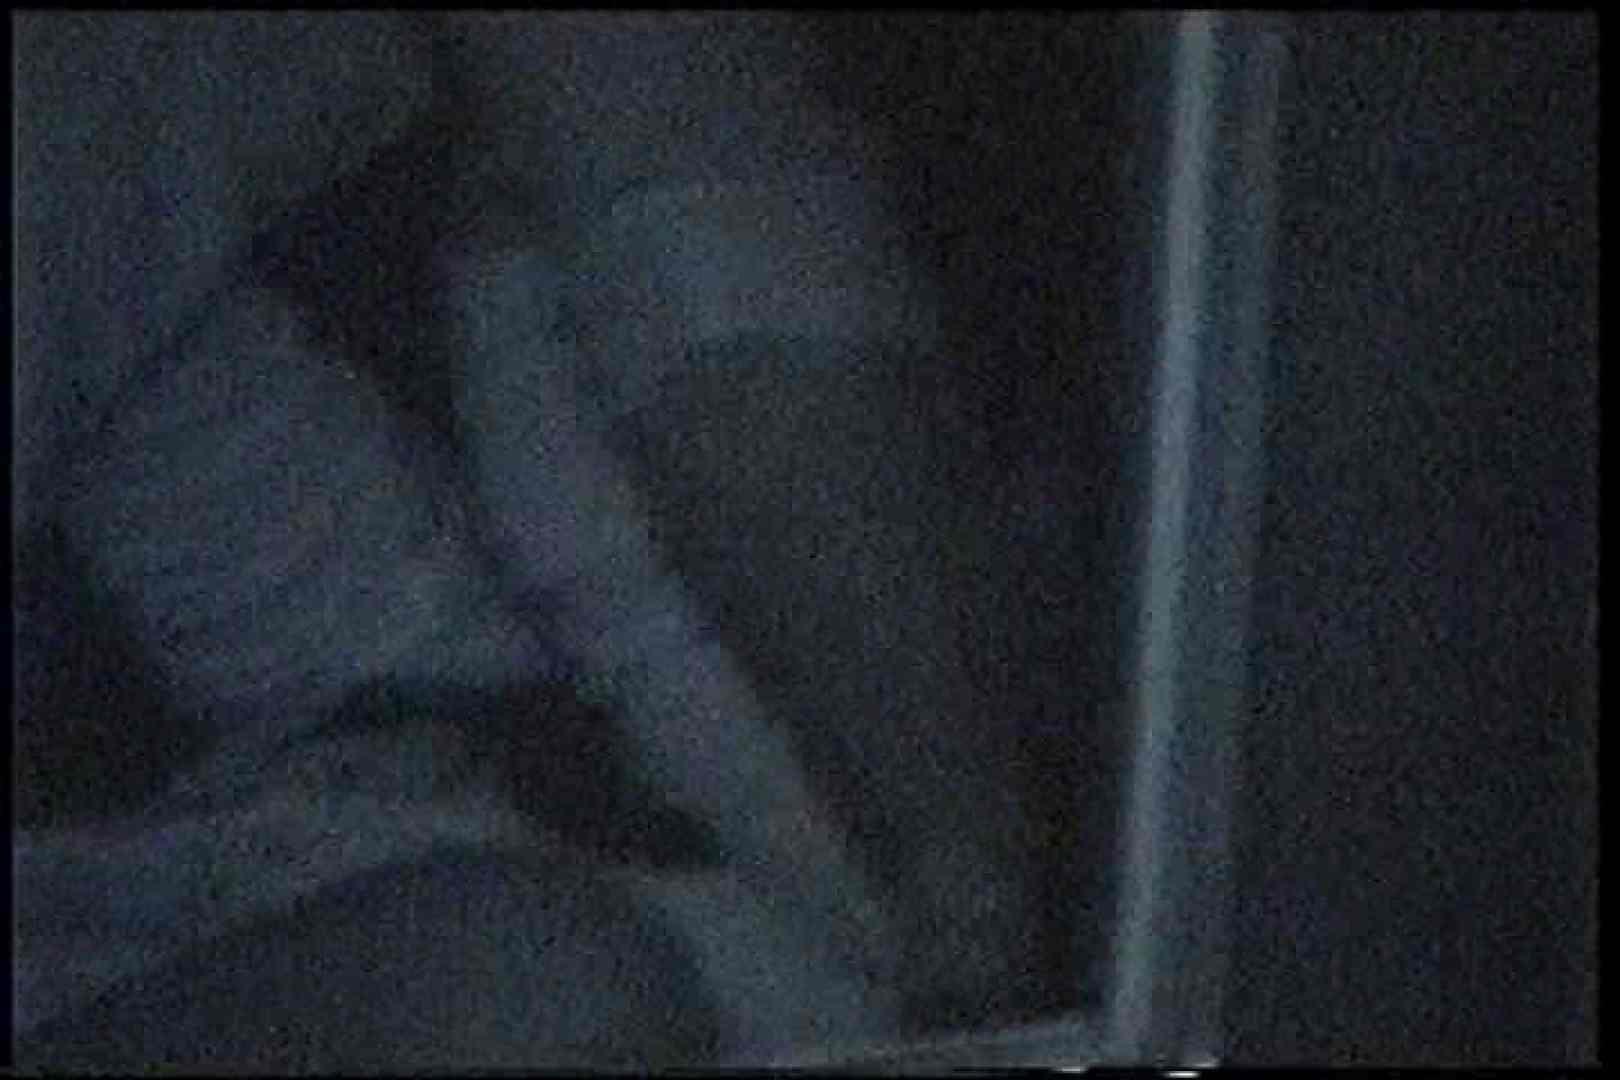 充血監督の深夜の運動会Vol.199 おまんこモロ出し | 独身エッチOL  27pic 10